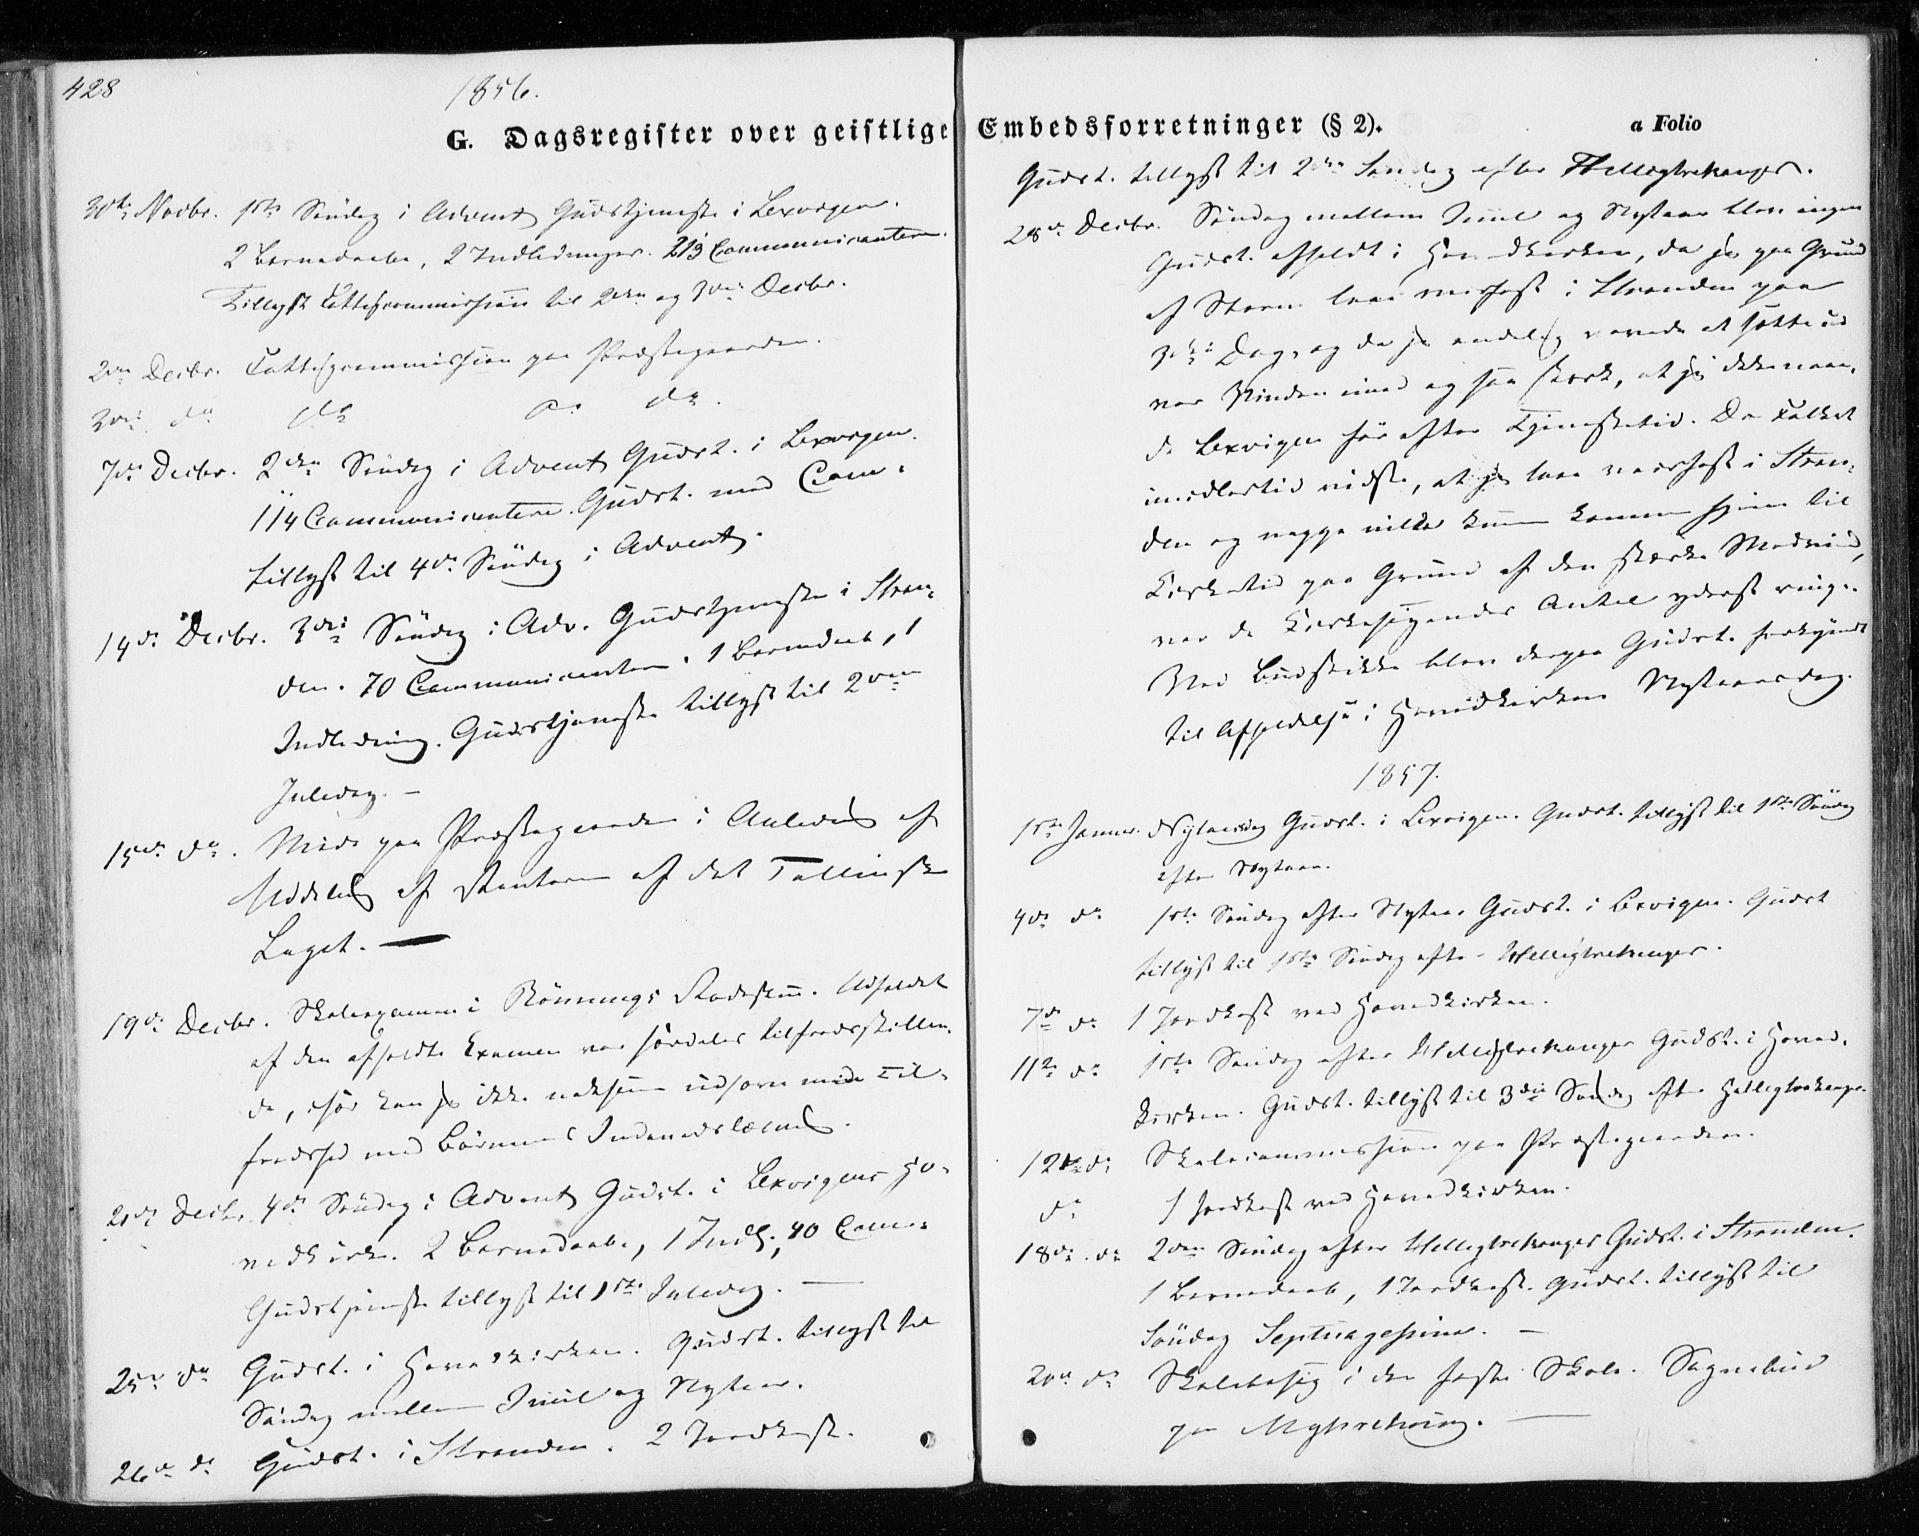 SAT, Ministerialprotokoller, klokkerbøker og fødselsregistre - Nord-Trøndelag, 701/L0008: Ministerialbok nr. 701A08 /1, 1854-1863, s. 428